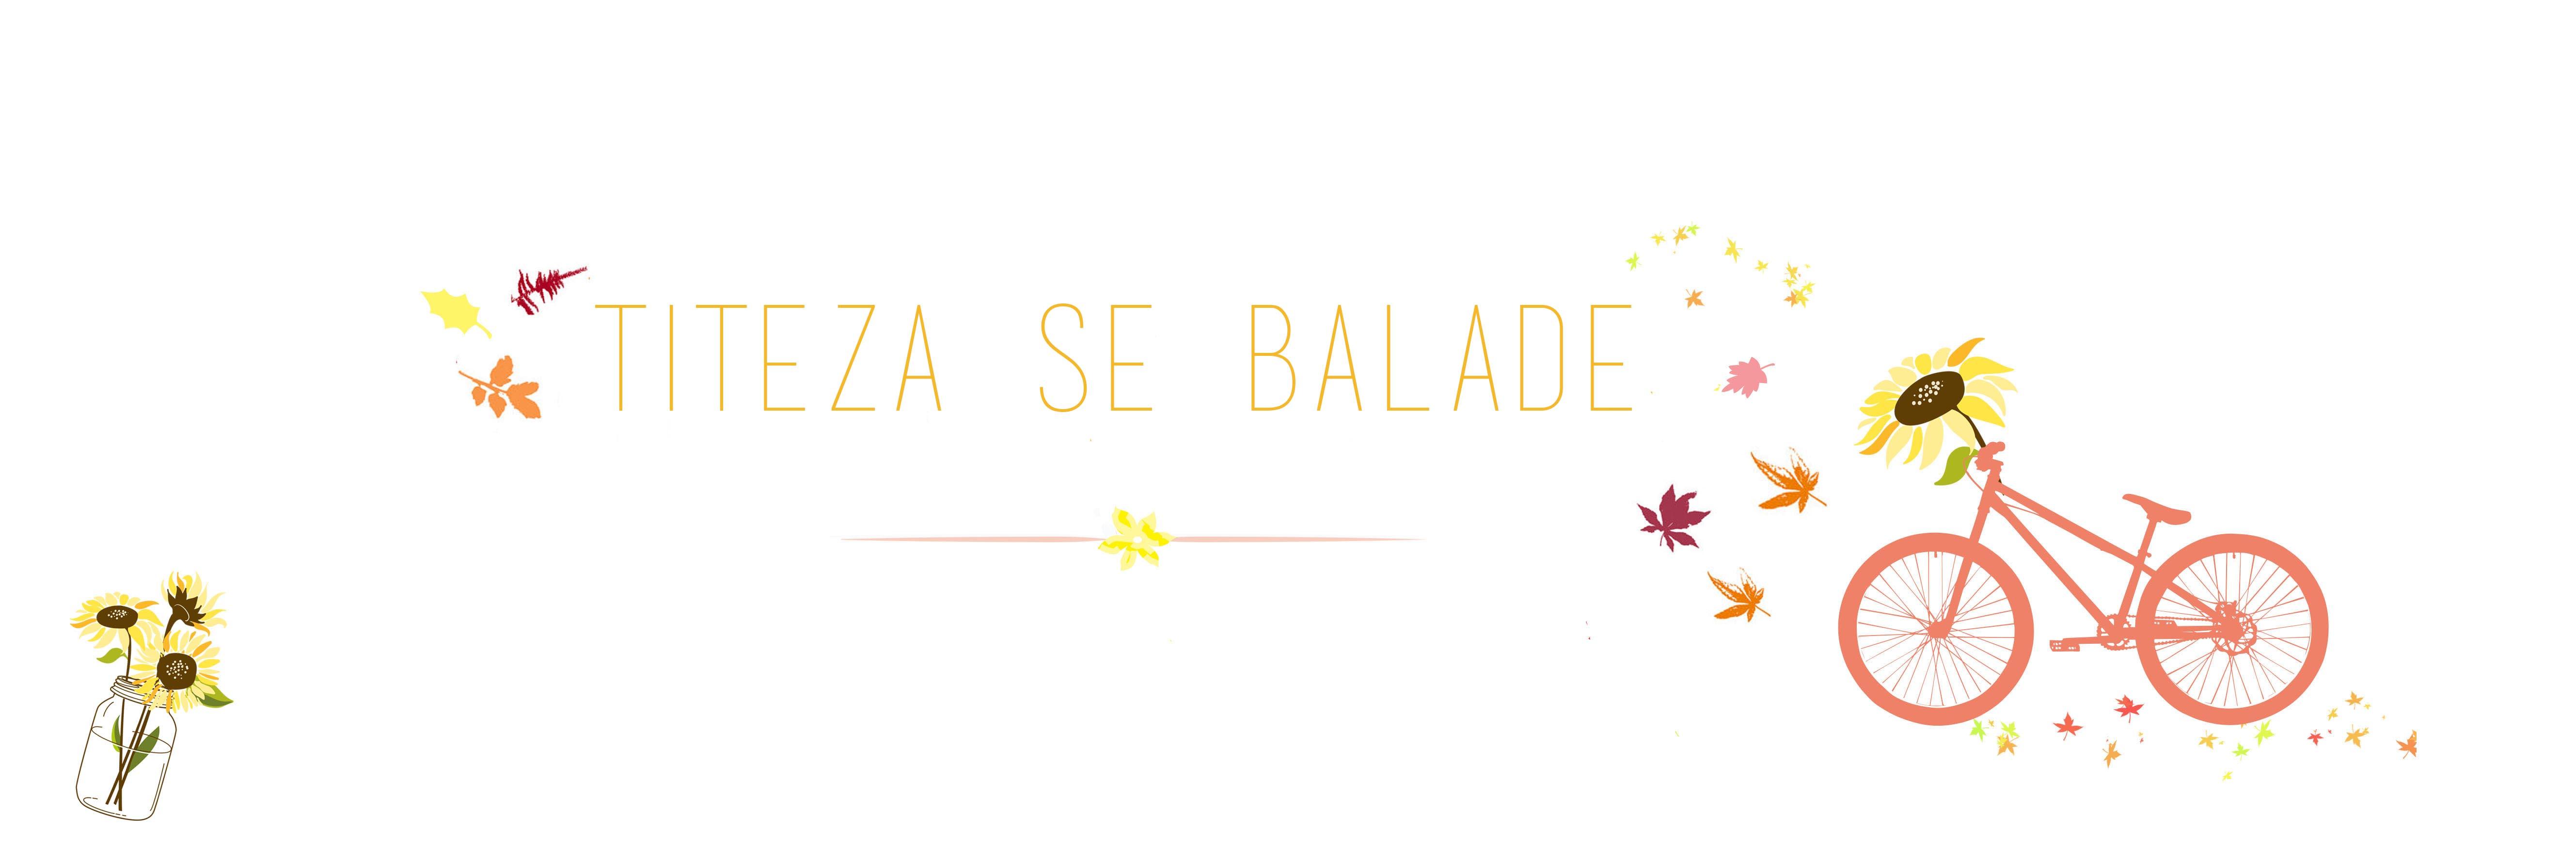 Titezasebalade_2